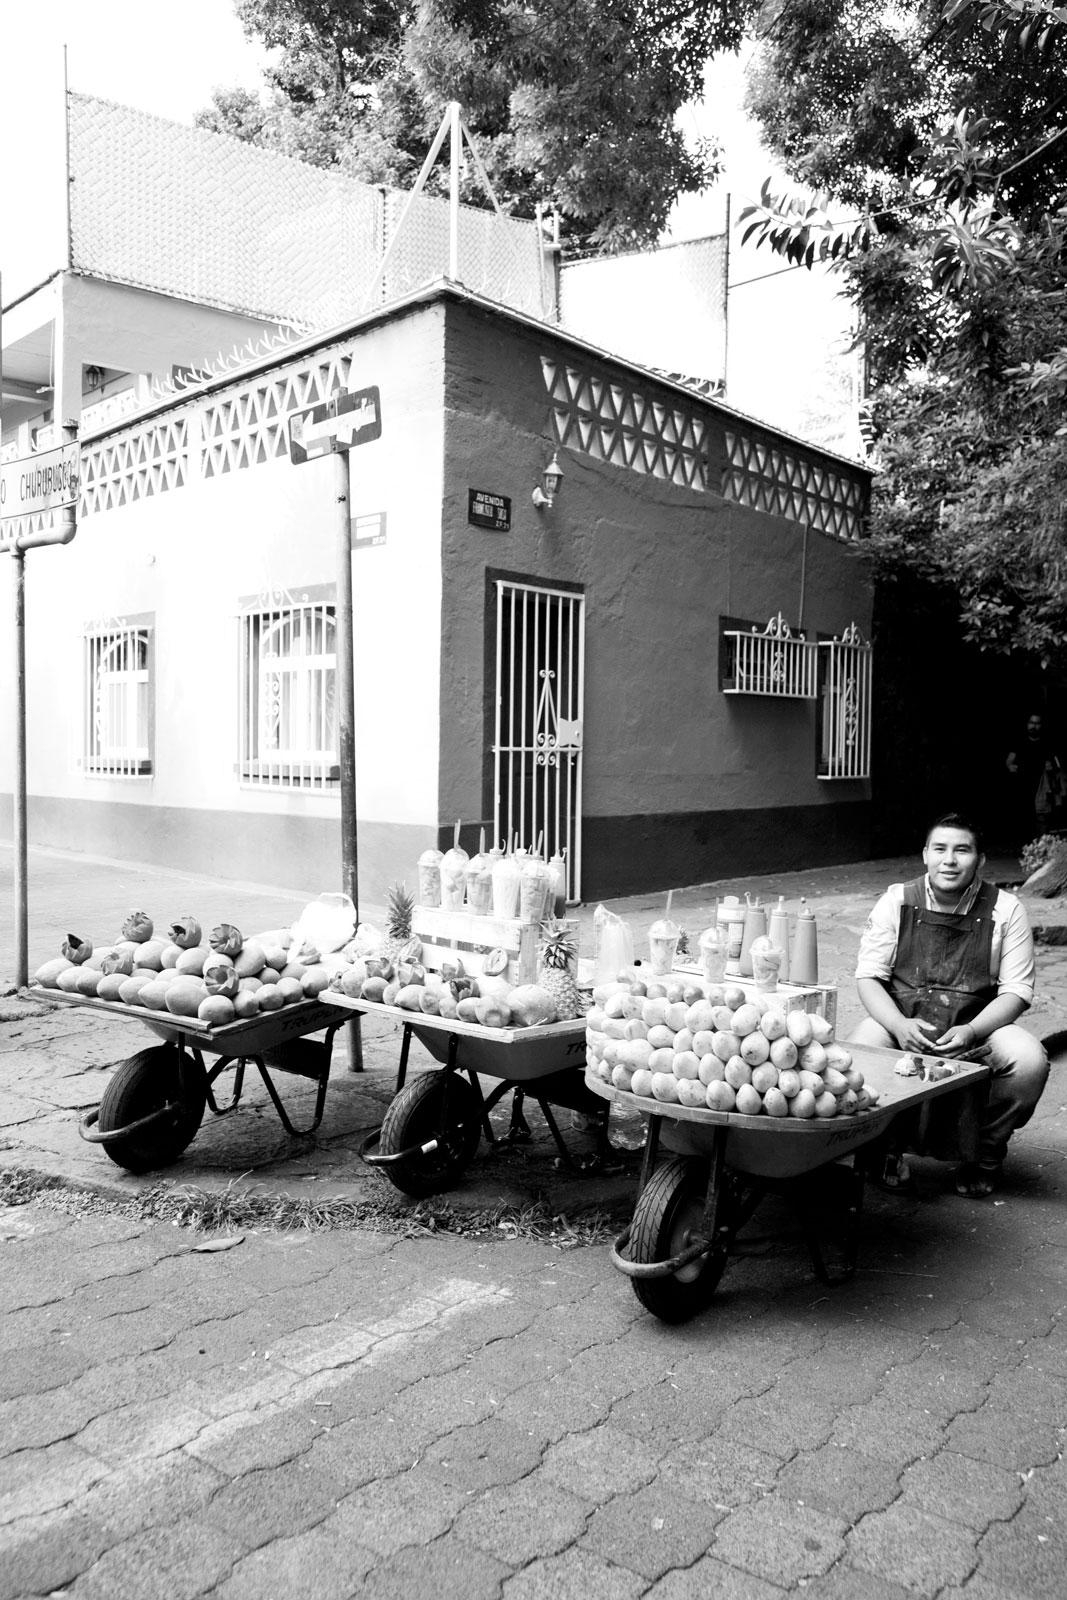 carritos+de+frutas+ciudad+de+mexico.jpg